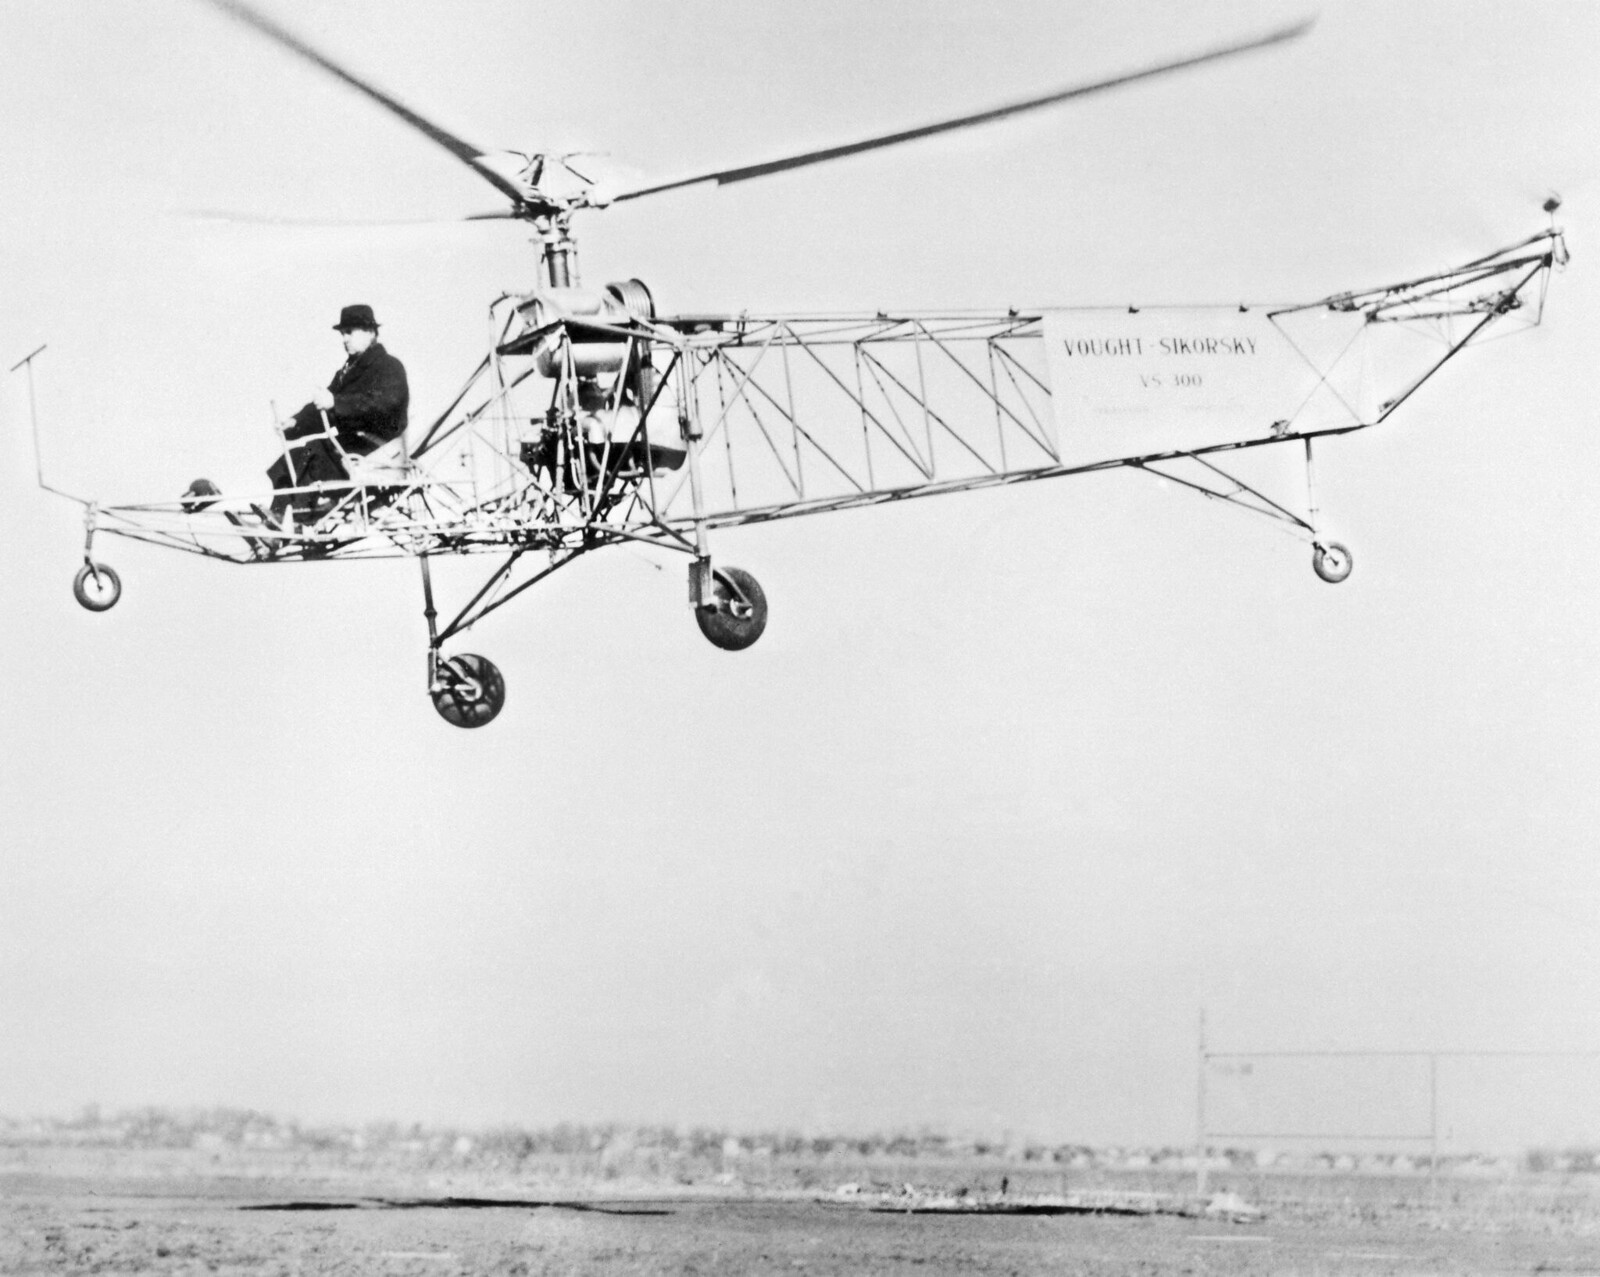 разные эскизы вертолет сикорского приколы картинки страхи нет